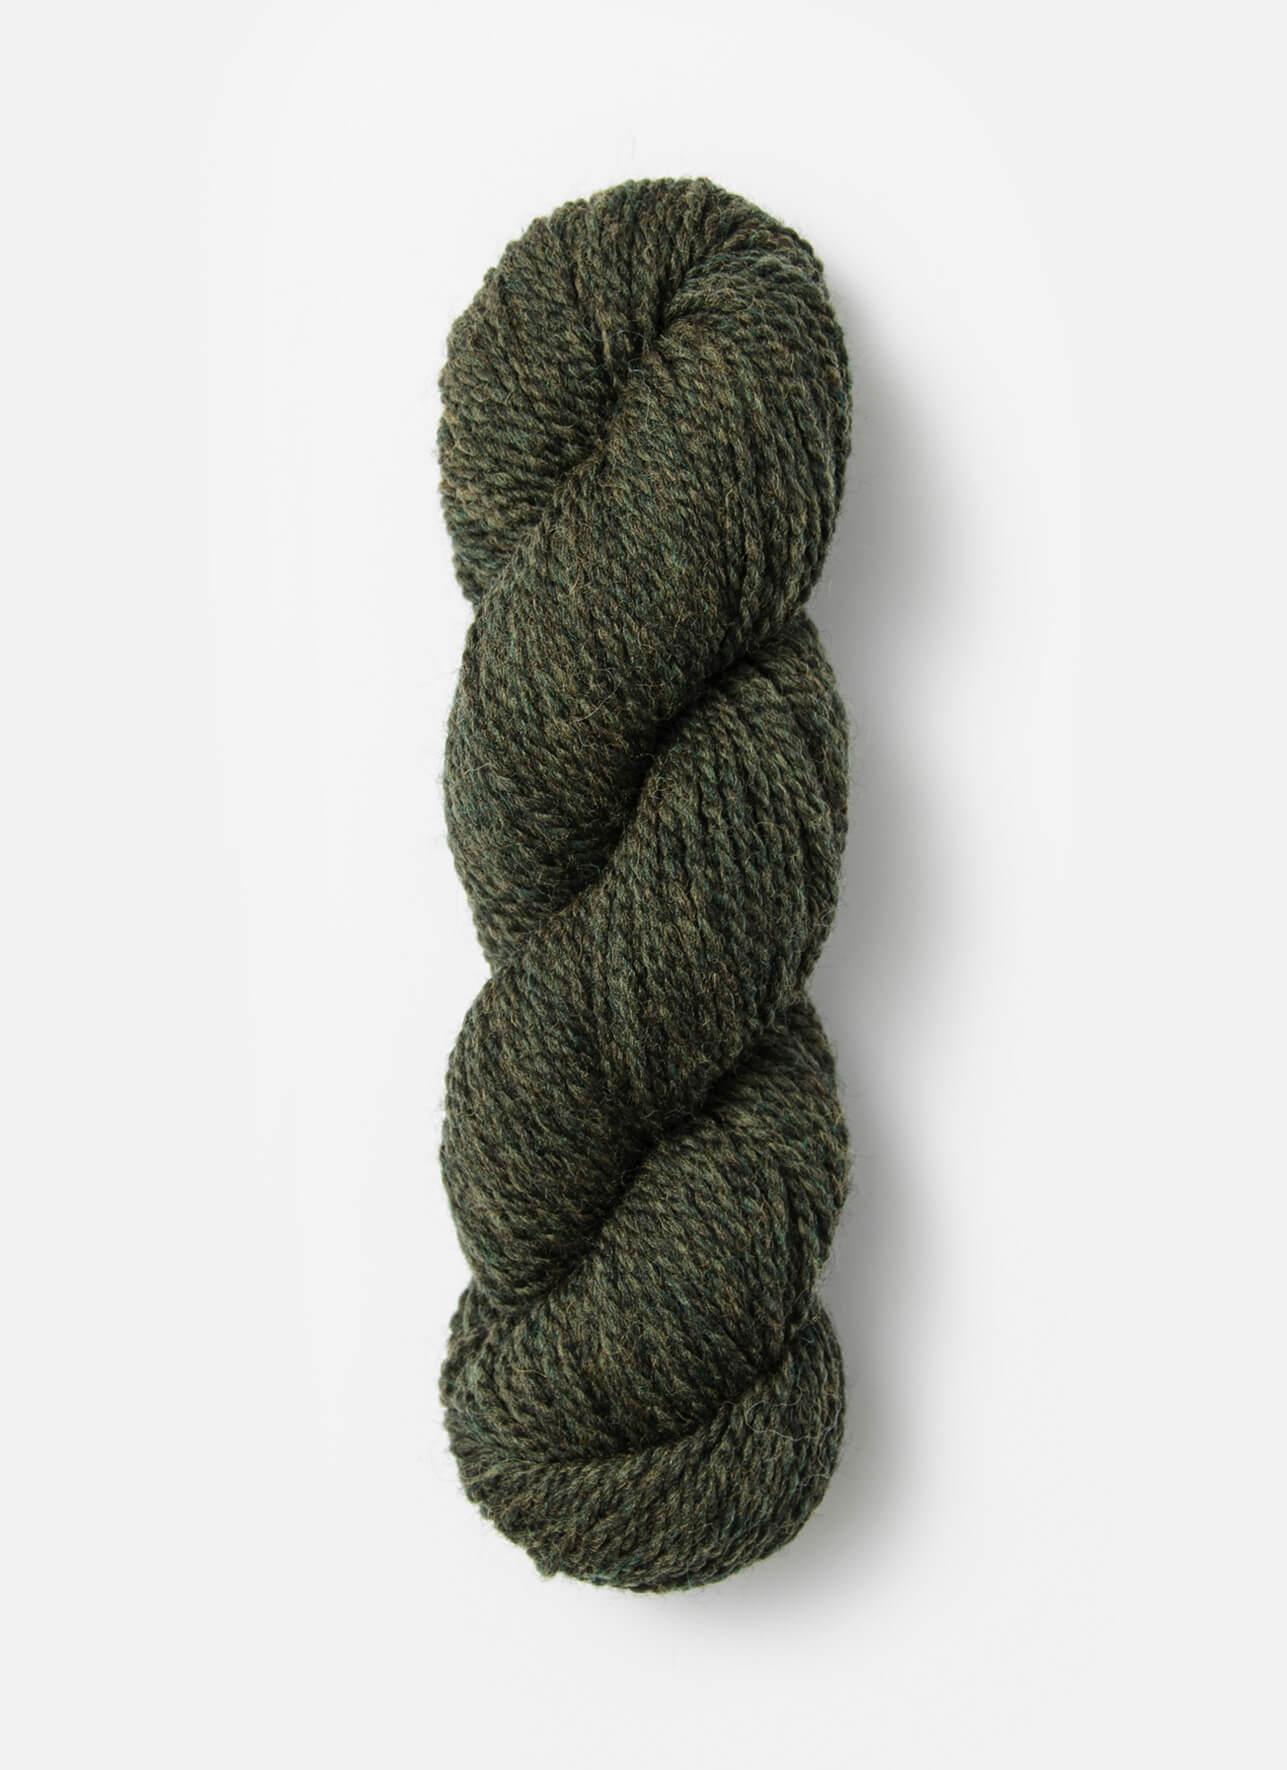 No. 1306: Wild Thyme